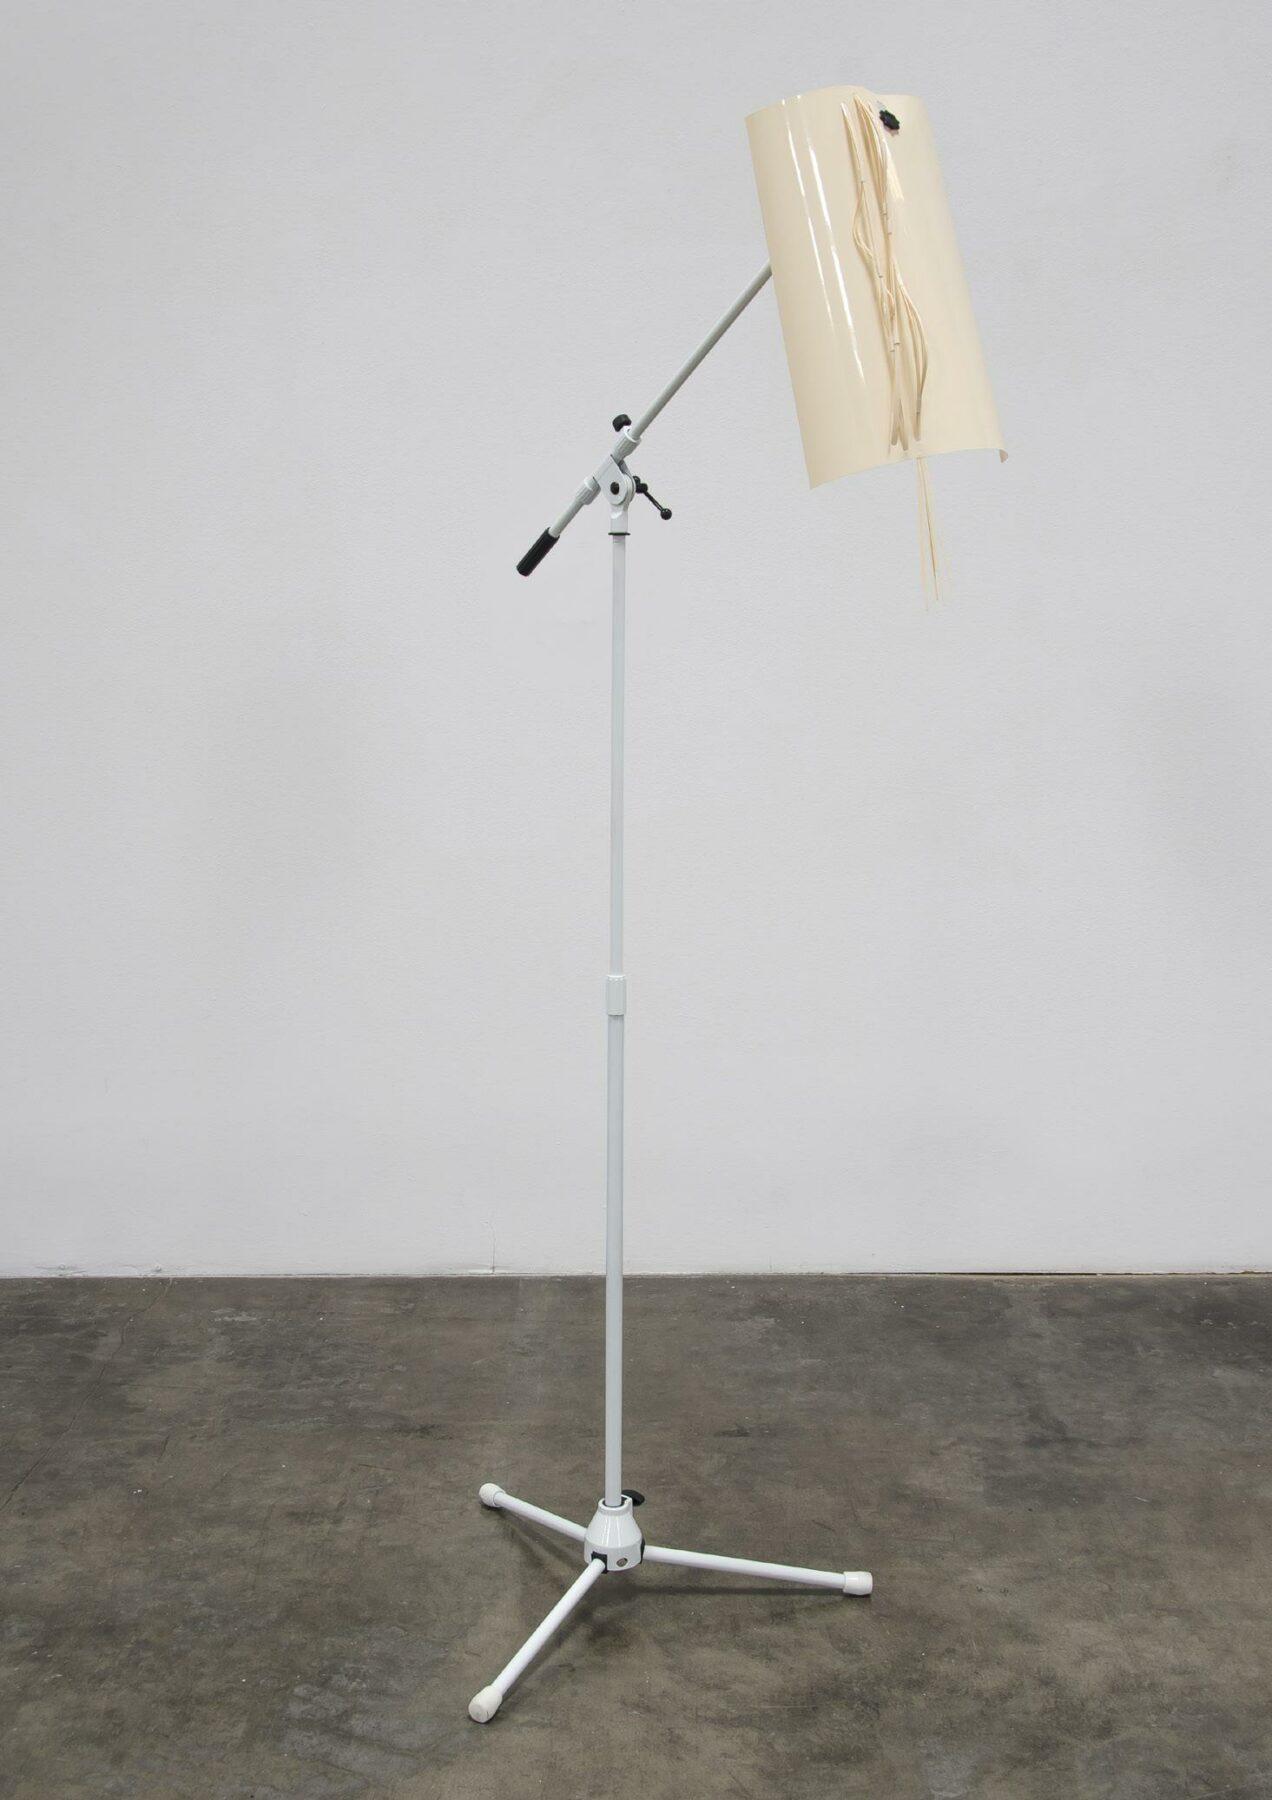 Optic Nerves, plastic, beige, cream, adjustable stand